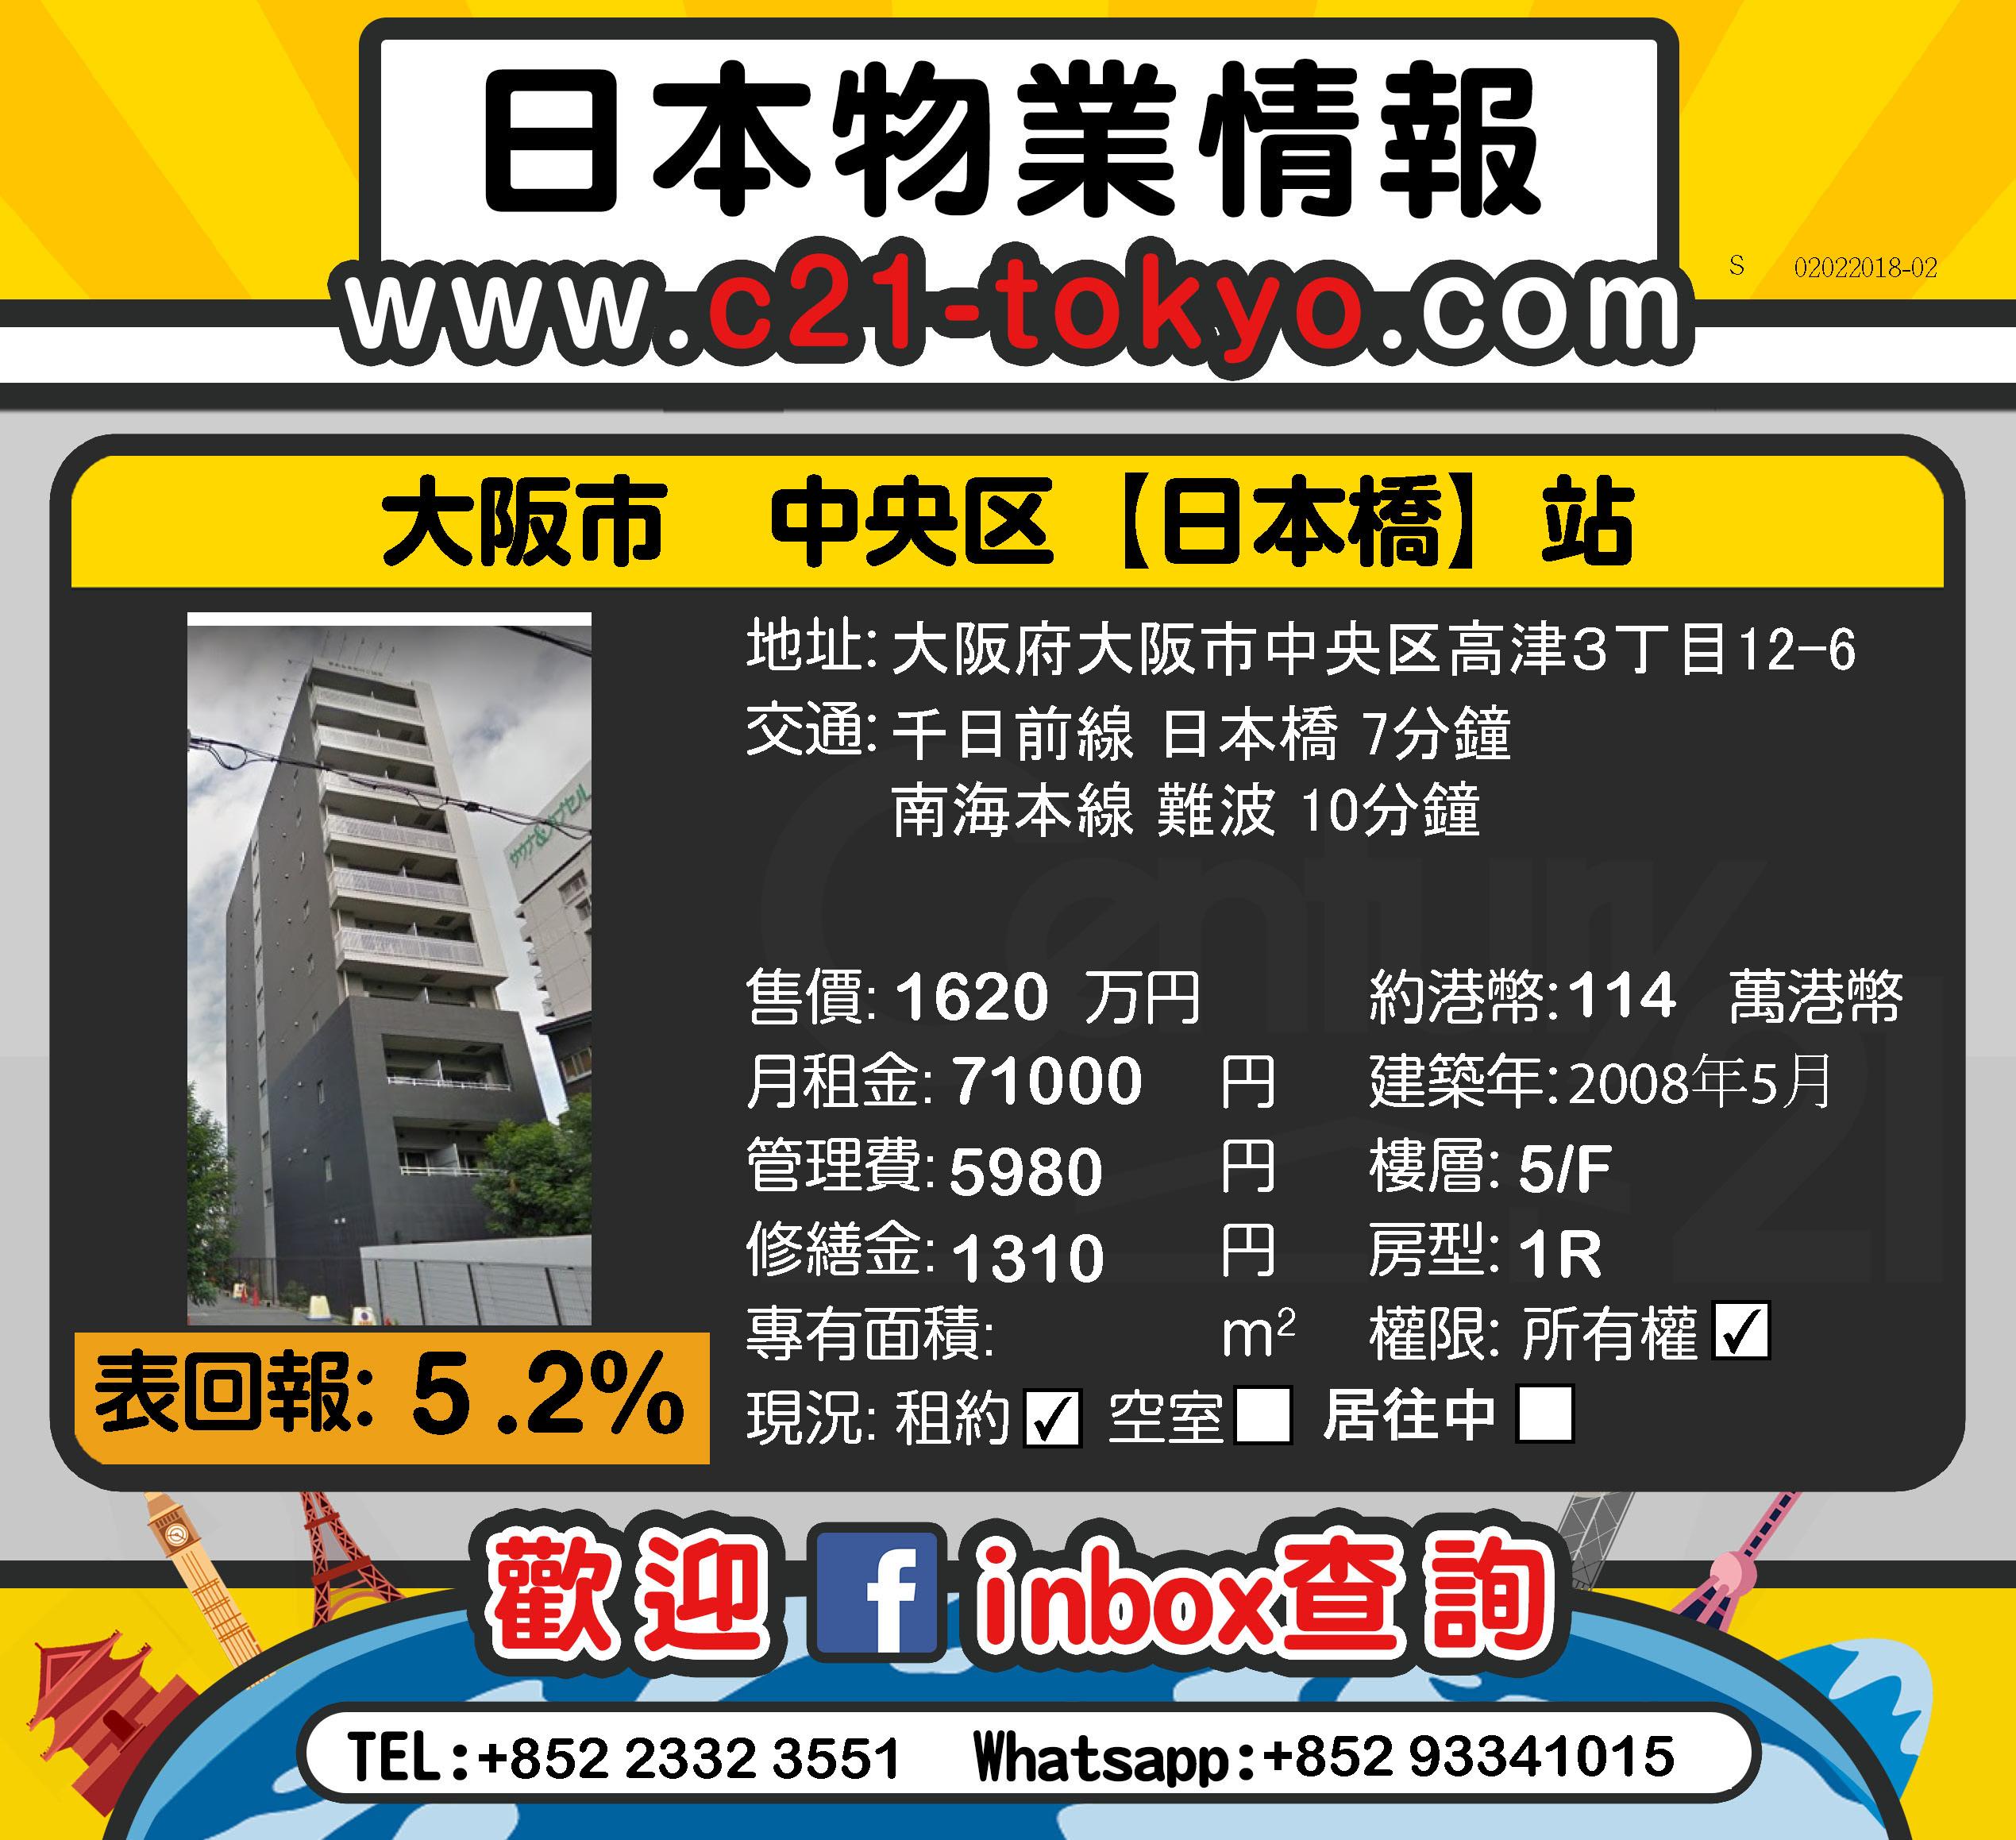 大阪市 中央区【日本橋】站